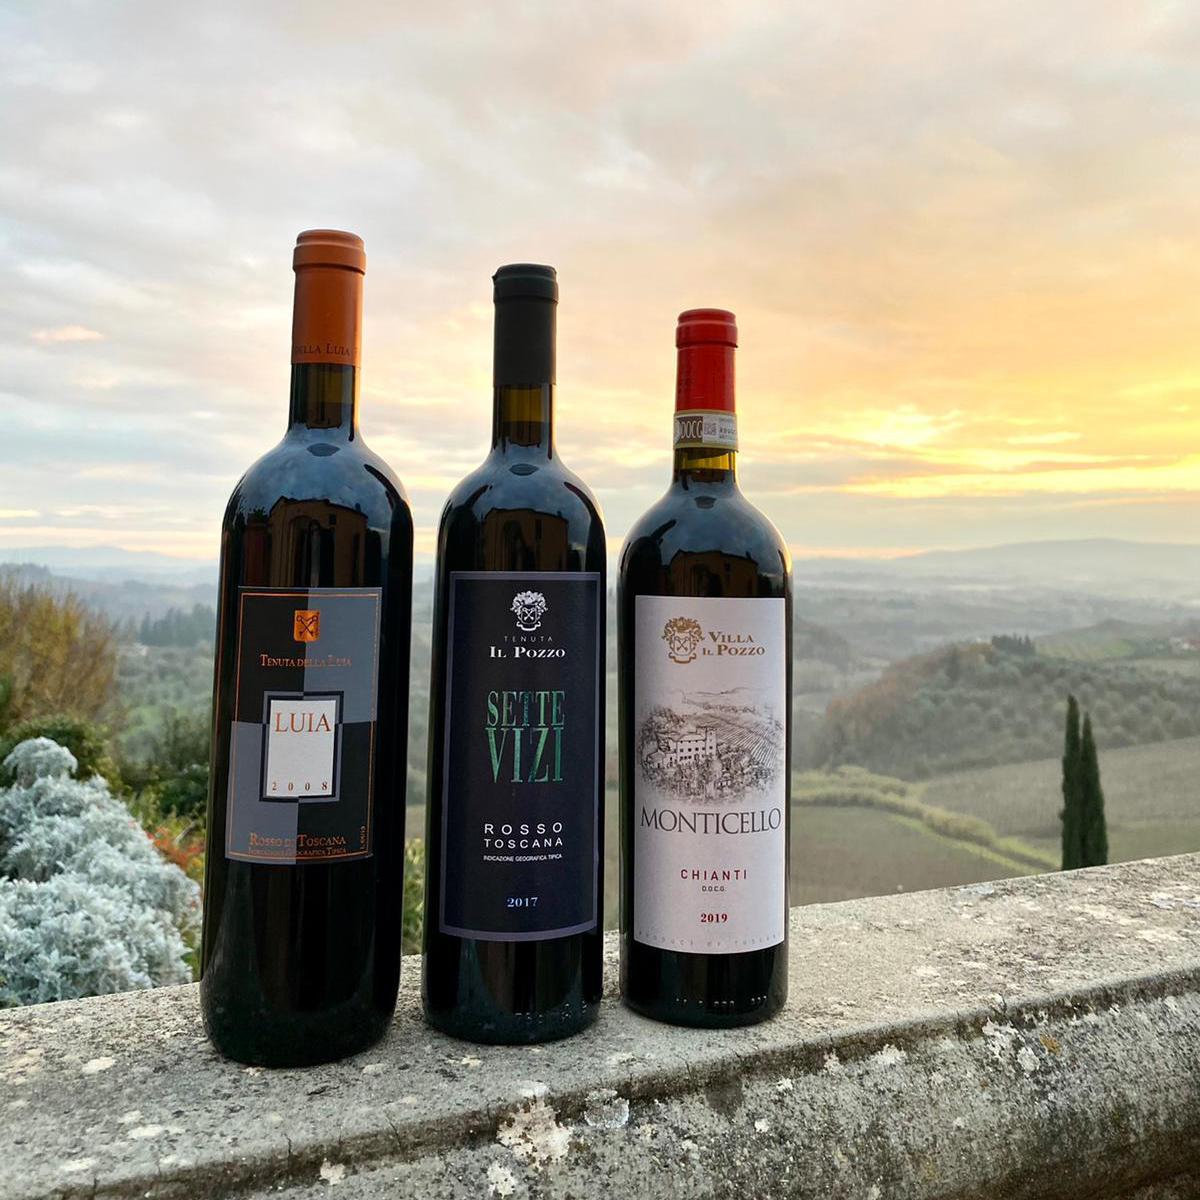 Degustazione-vini-toscani-villa-il-pozzo